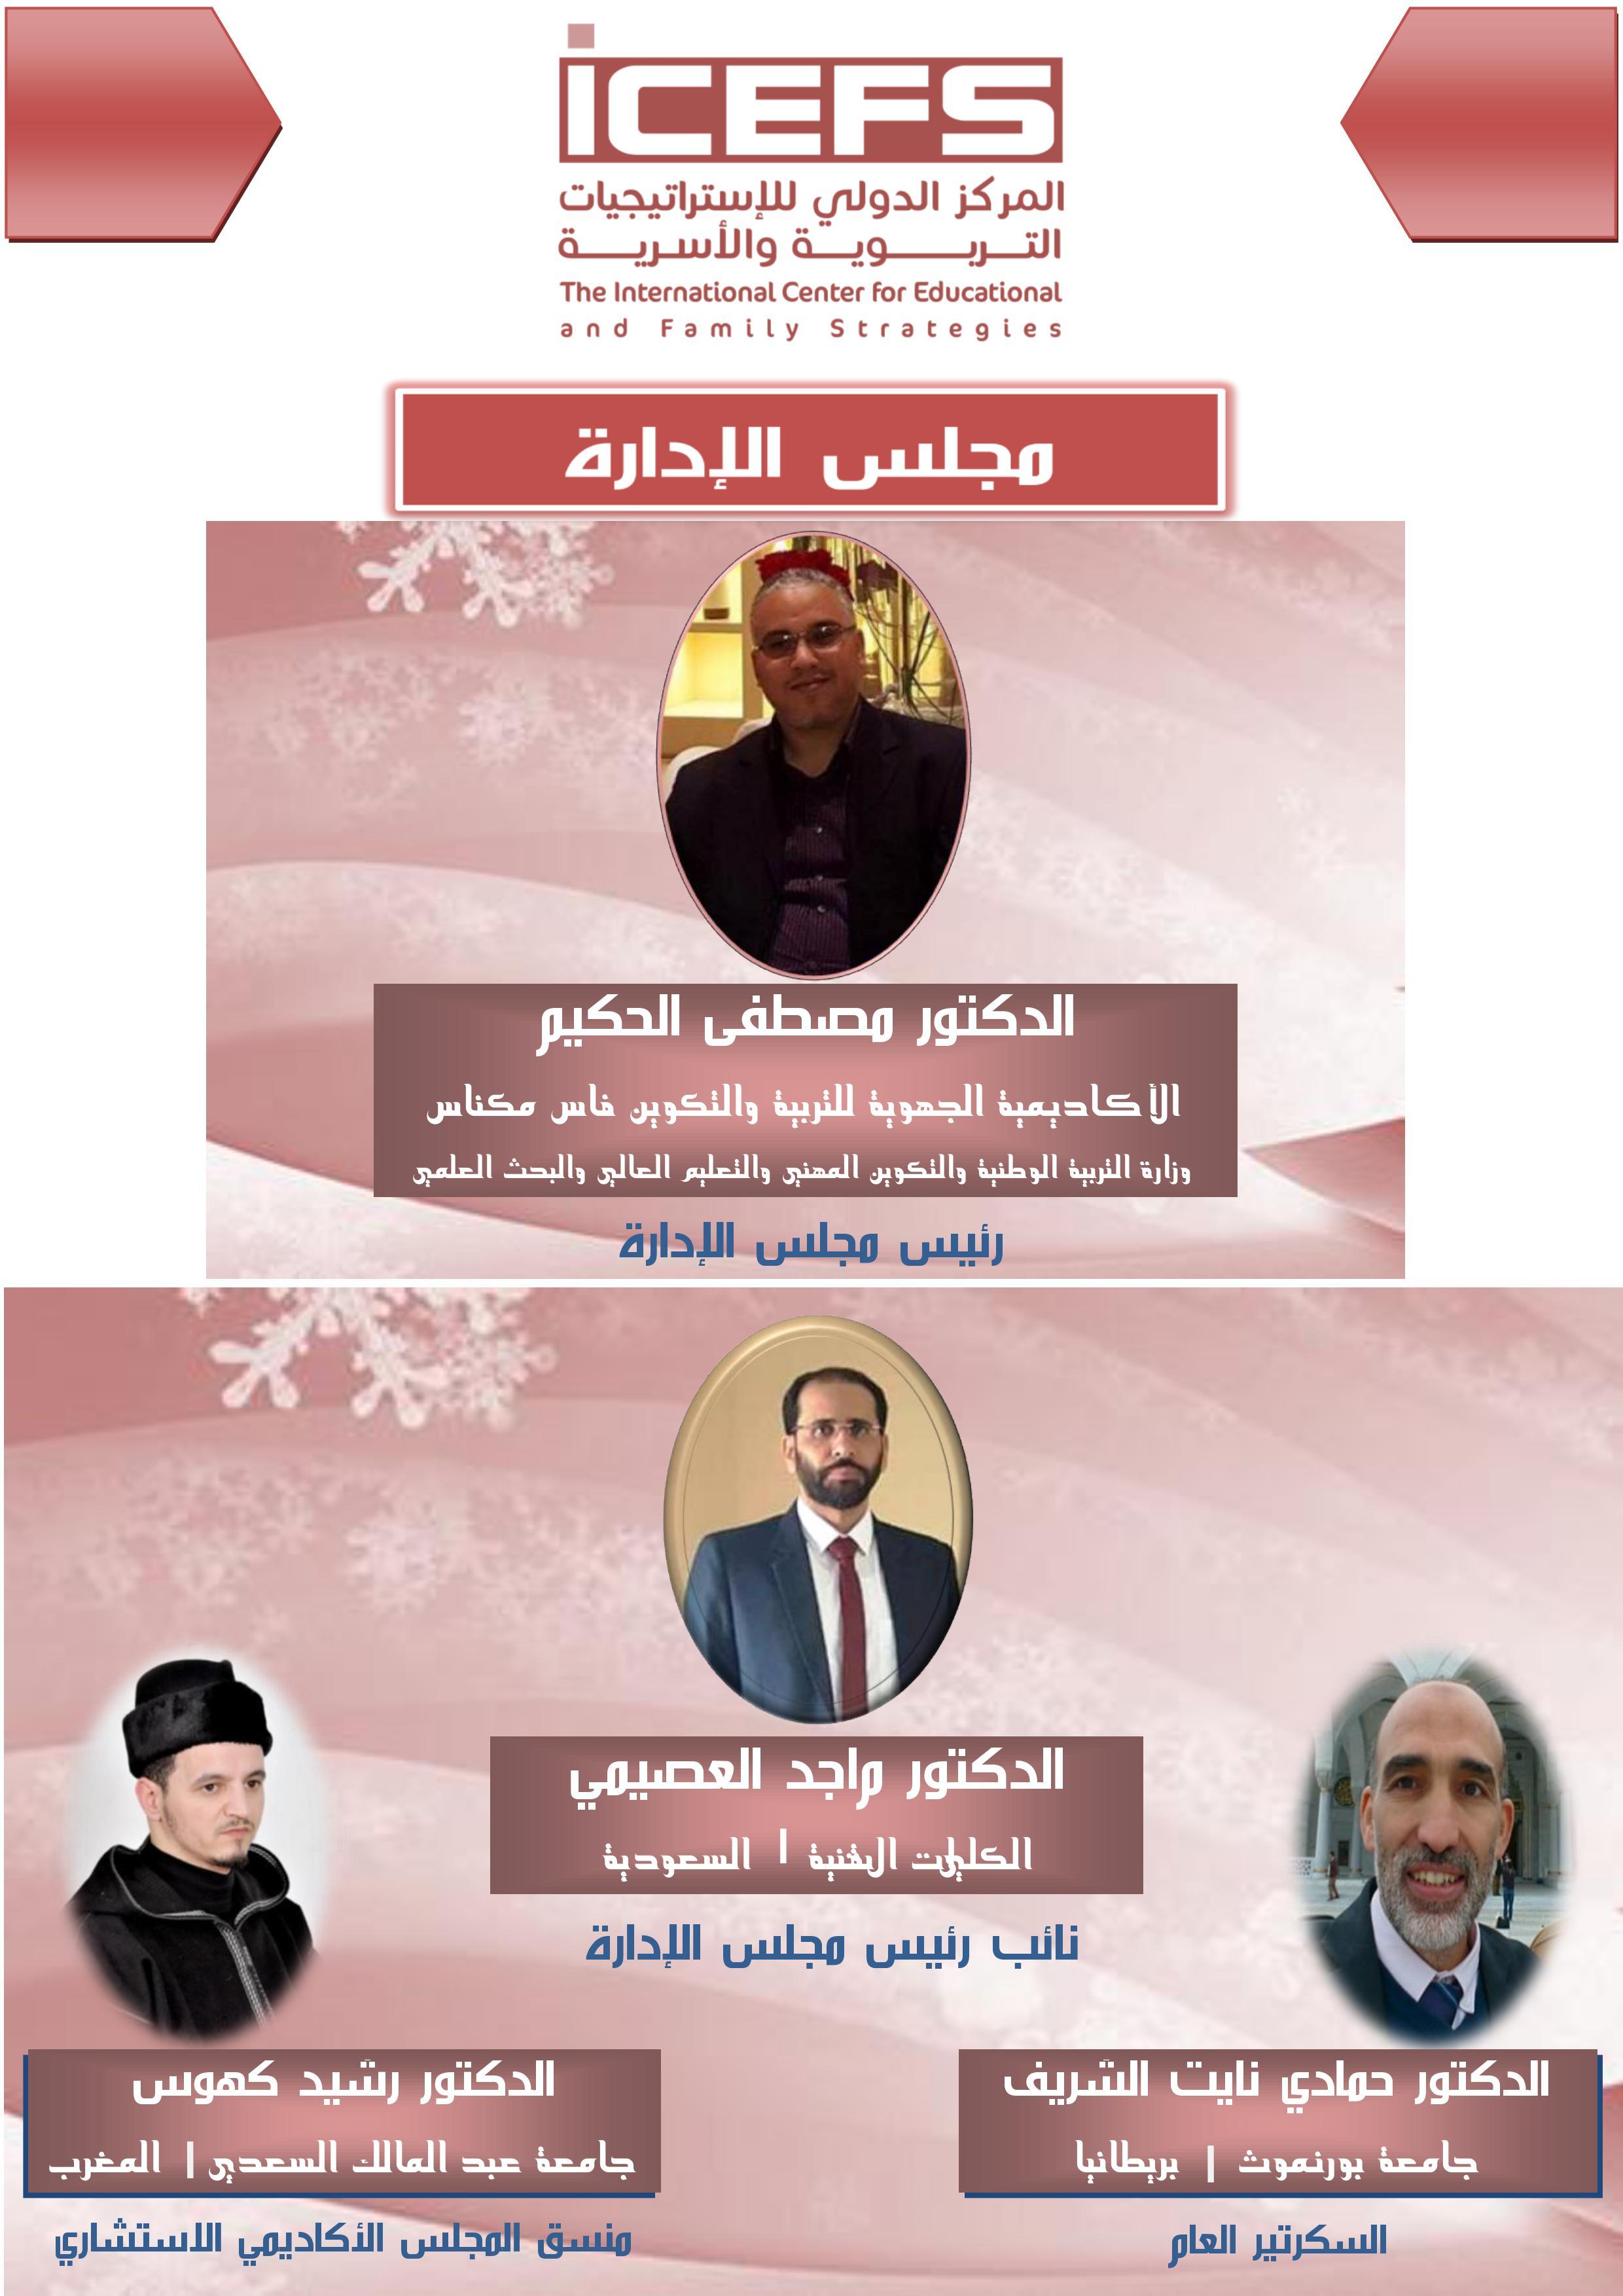 ملصق أعضاء مجلس الإدارة1